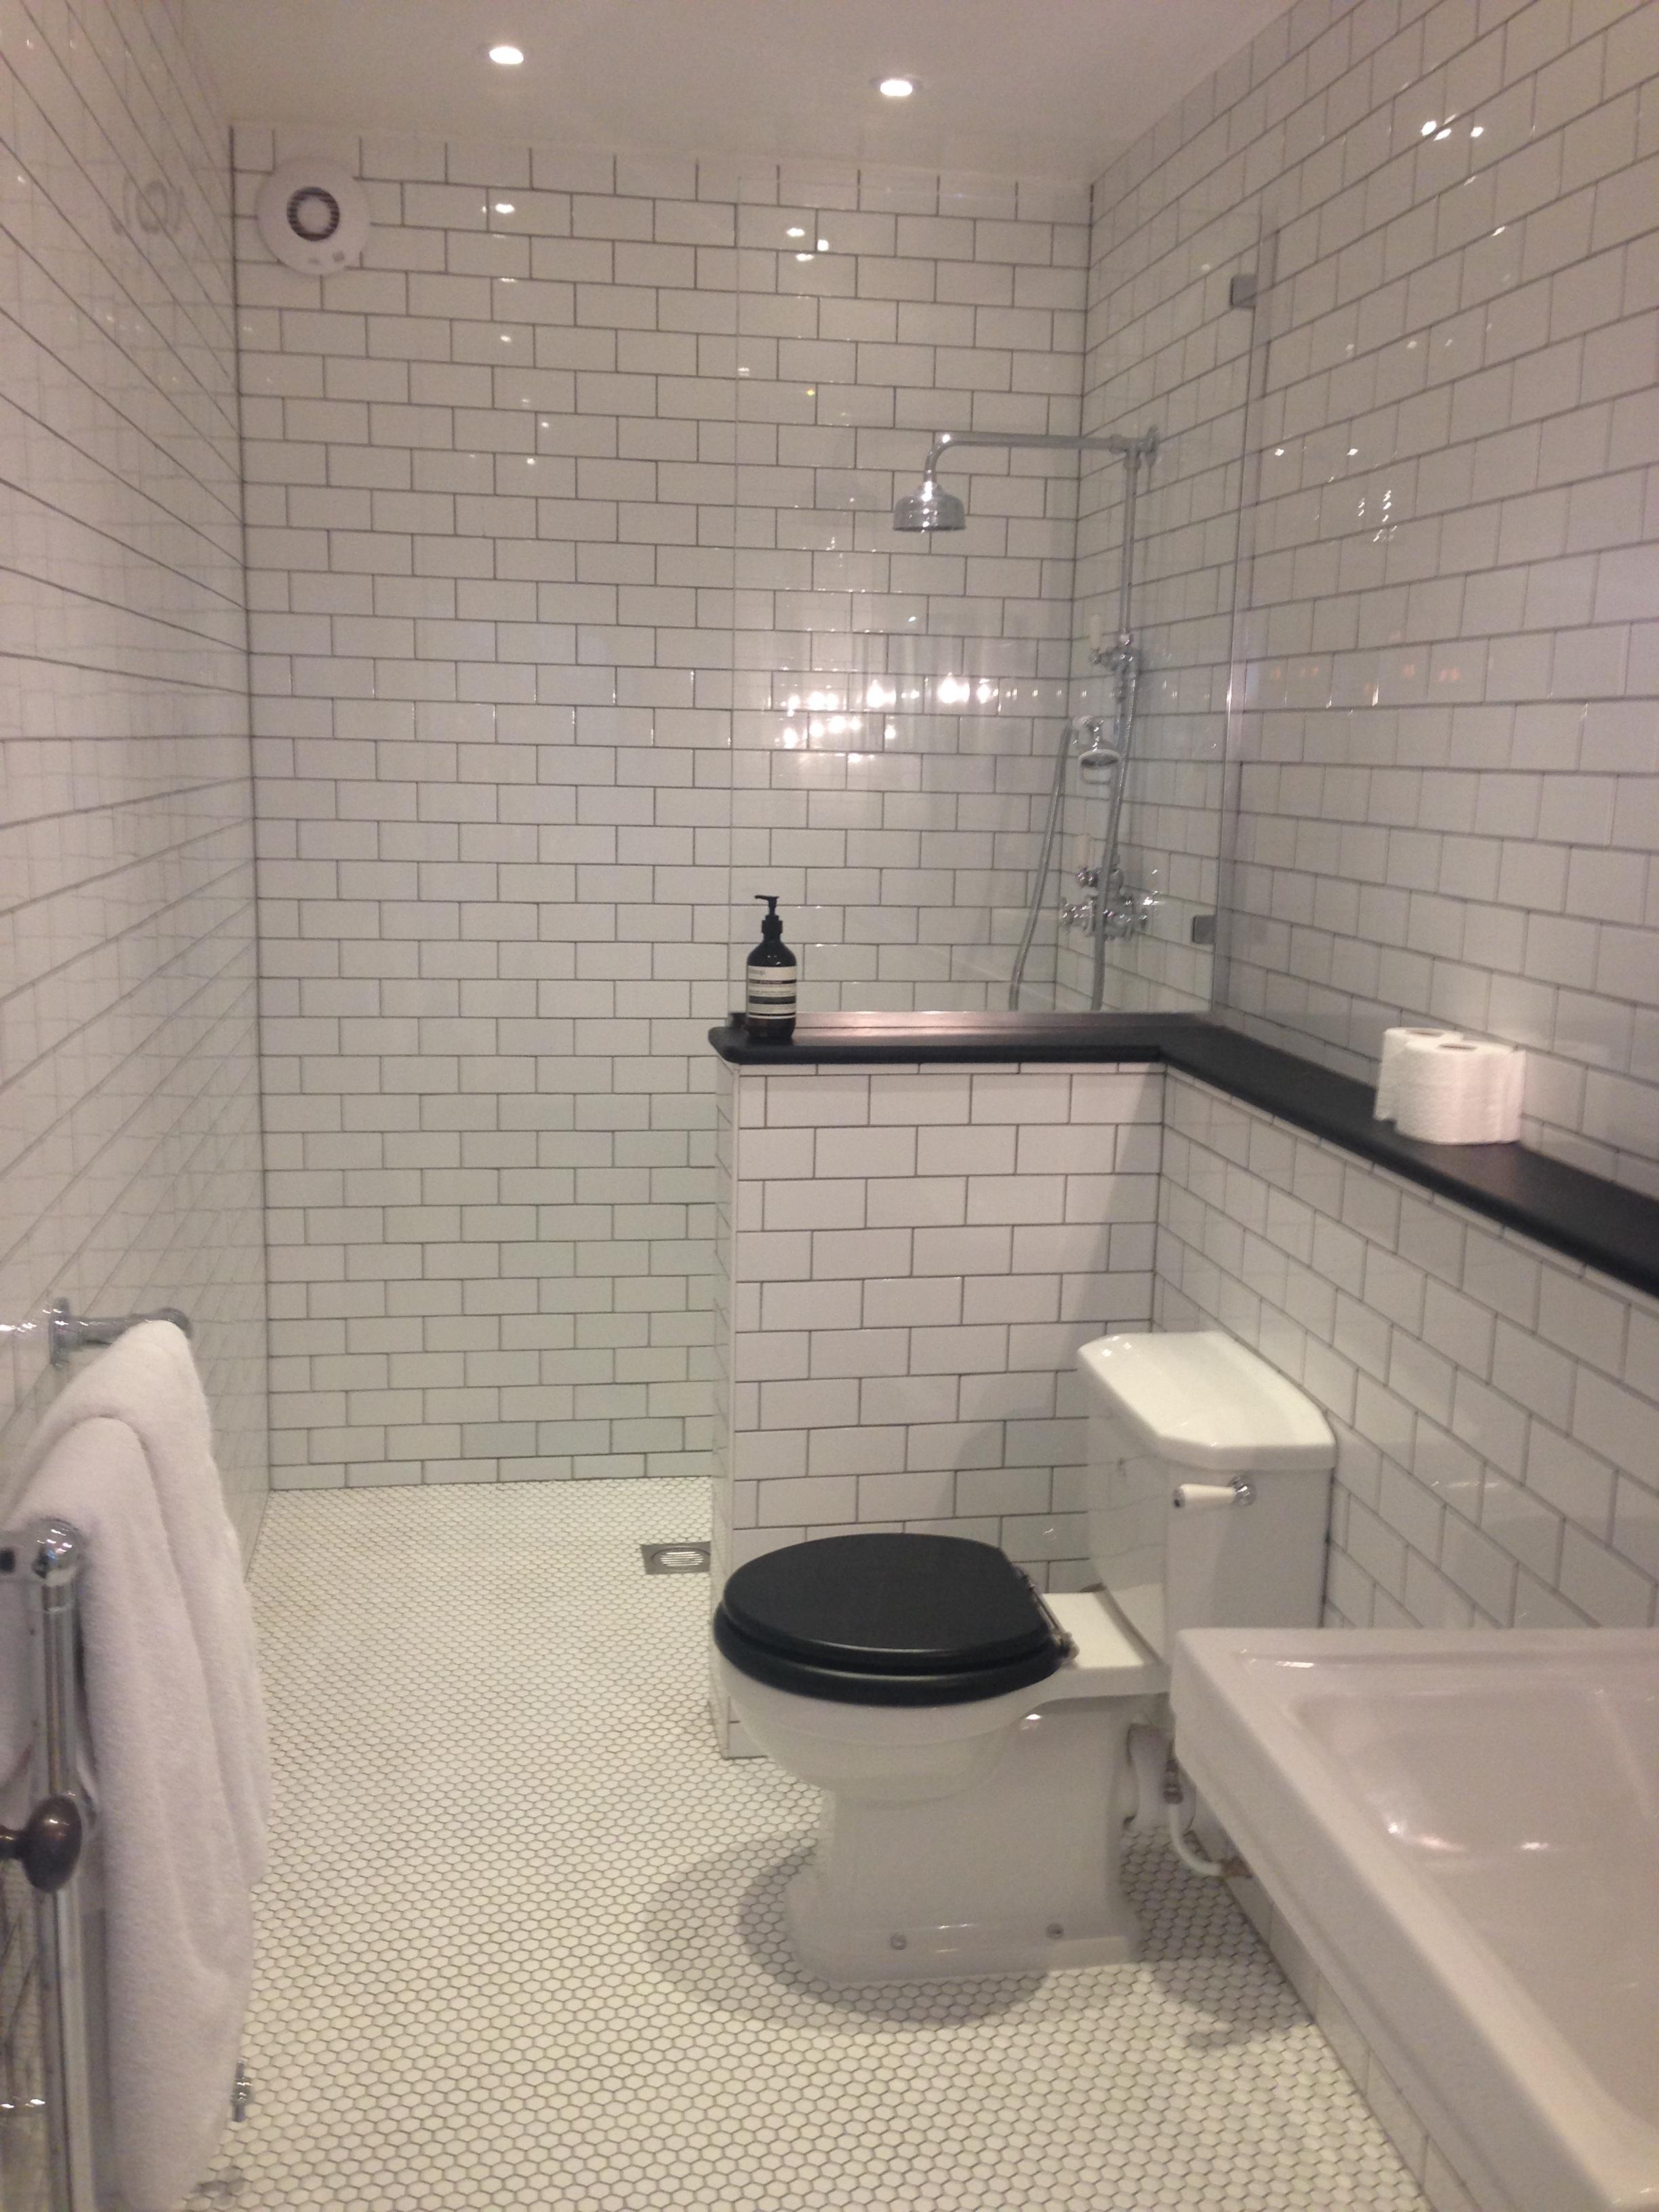 House 5 - Shower Room